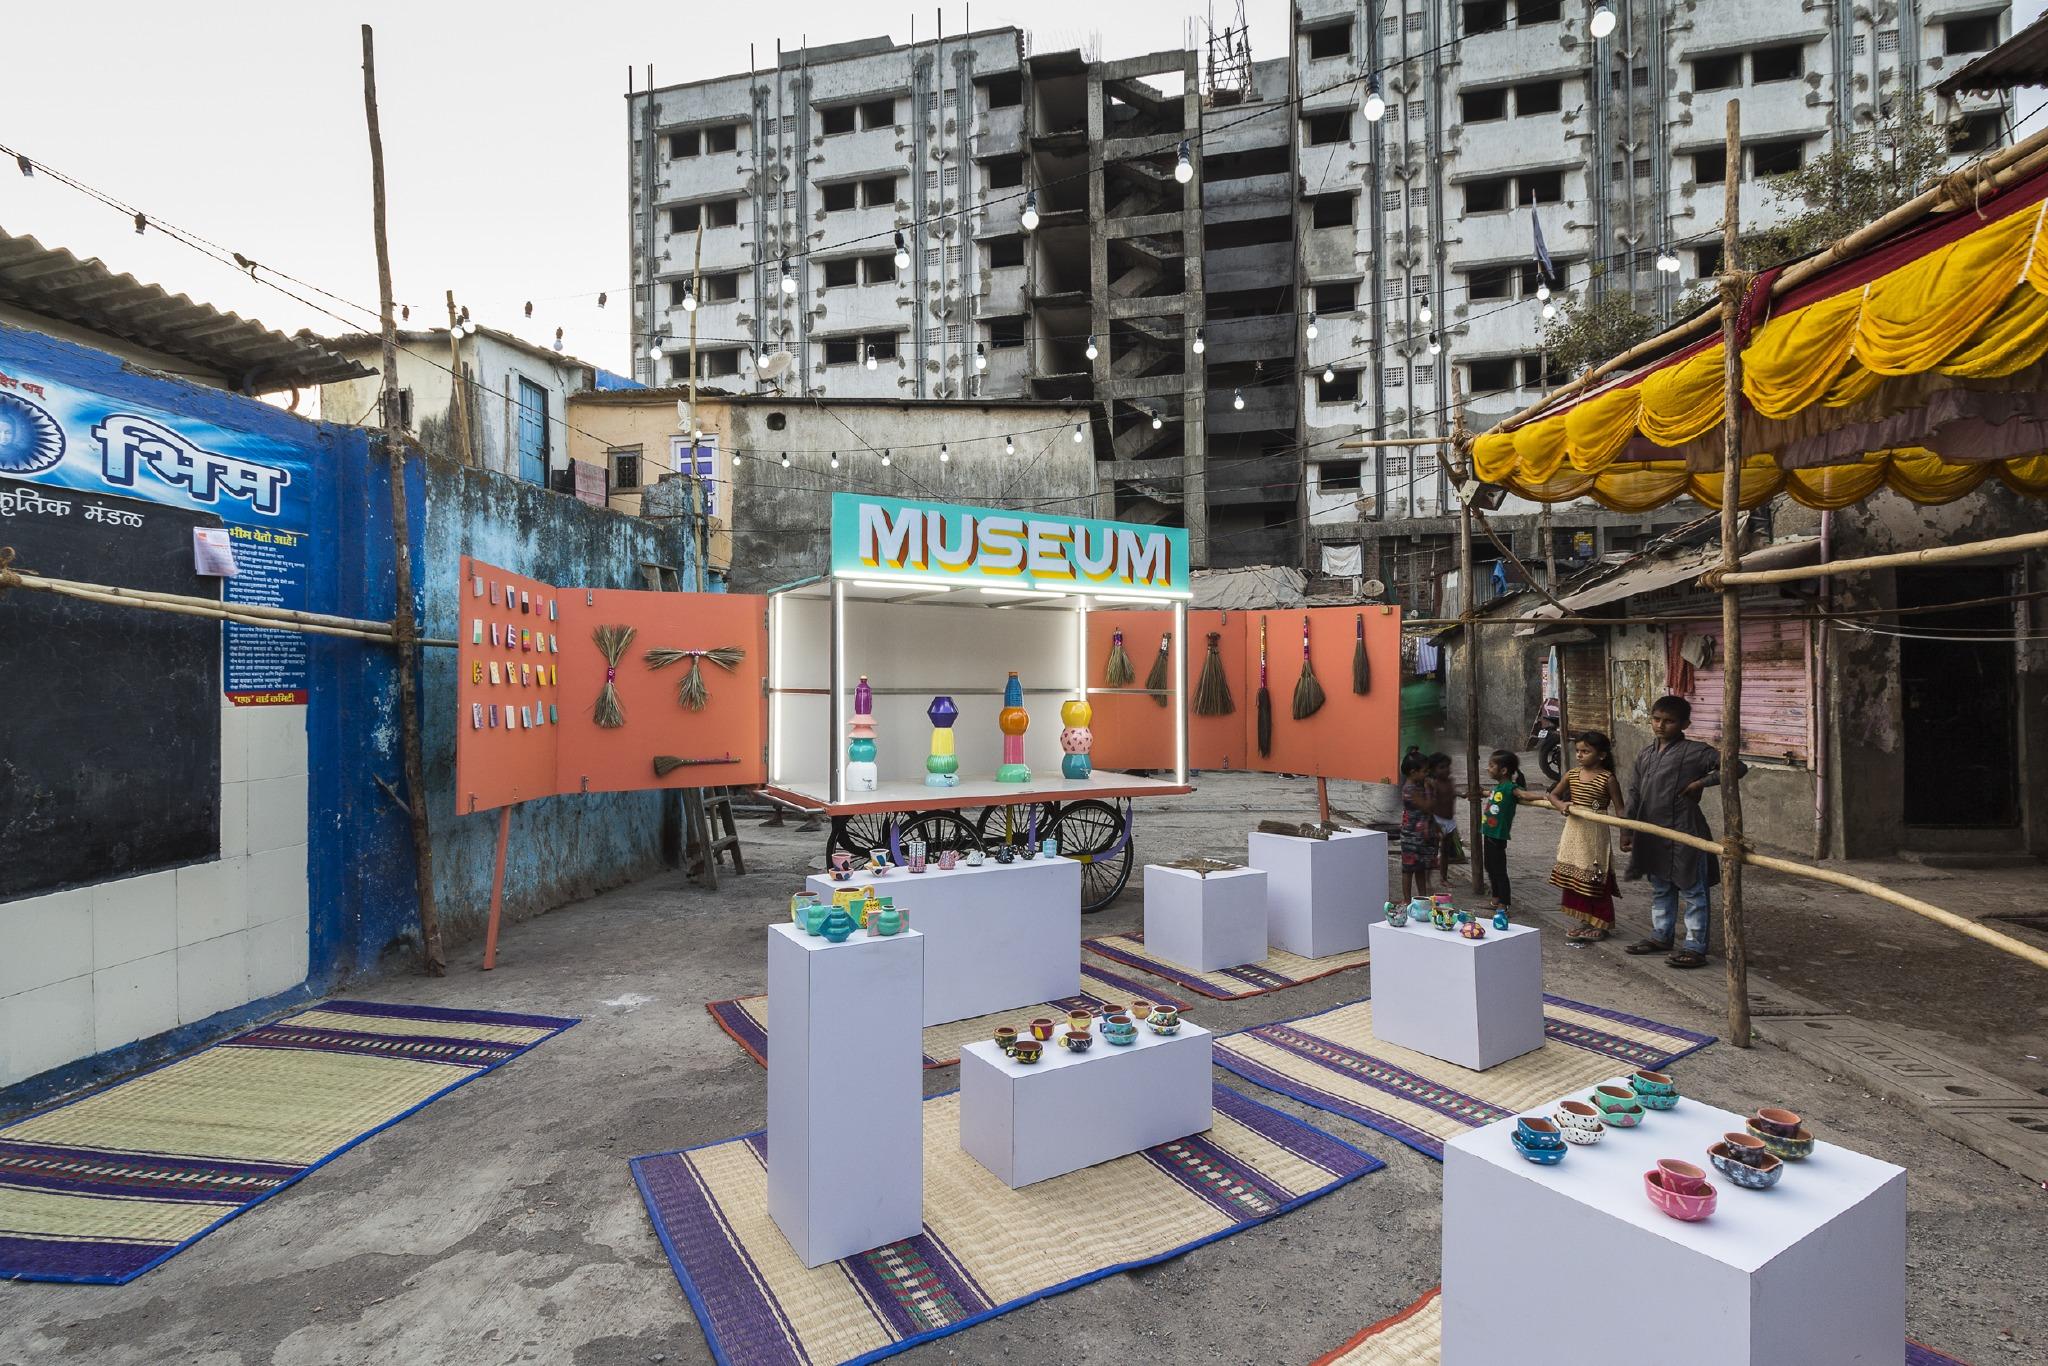 Design Museum Dharavi, a nomadic design museum in Mumbai created by Amanda Pinatih and Jorge Mañes Rubio